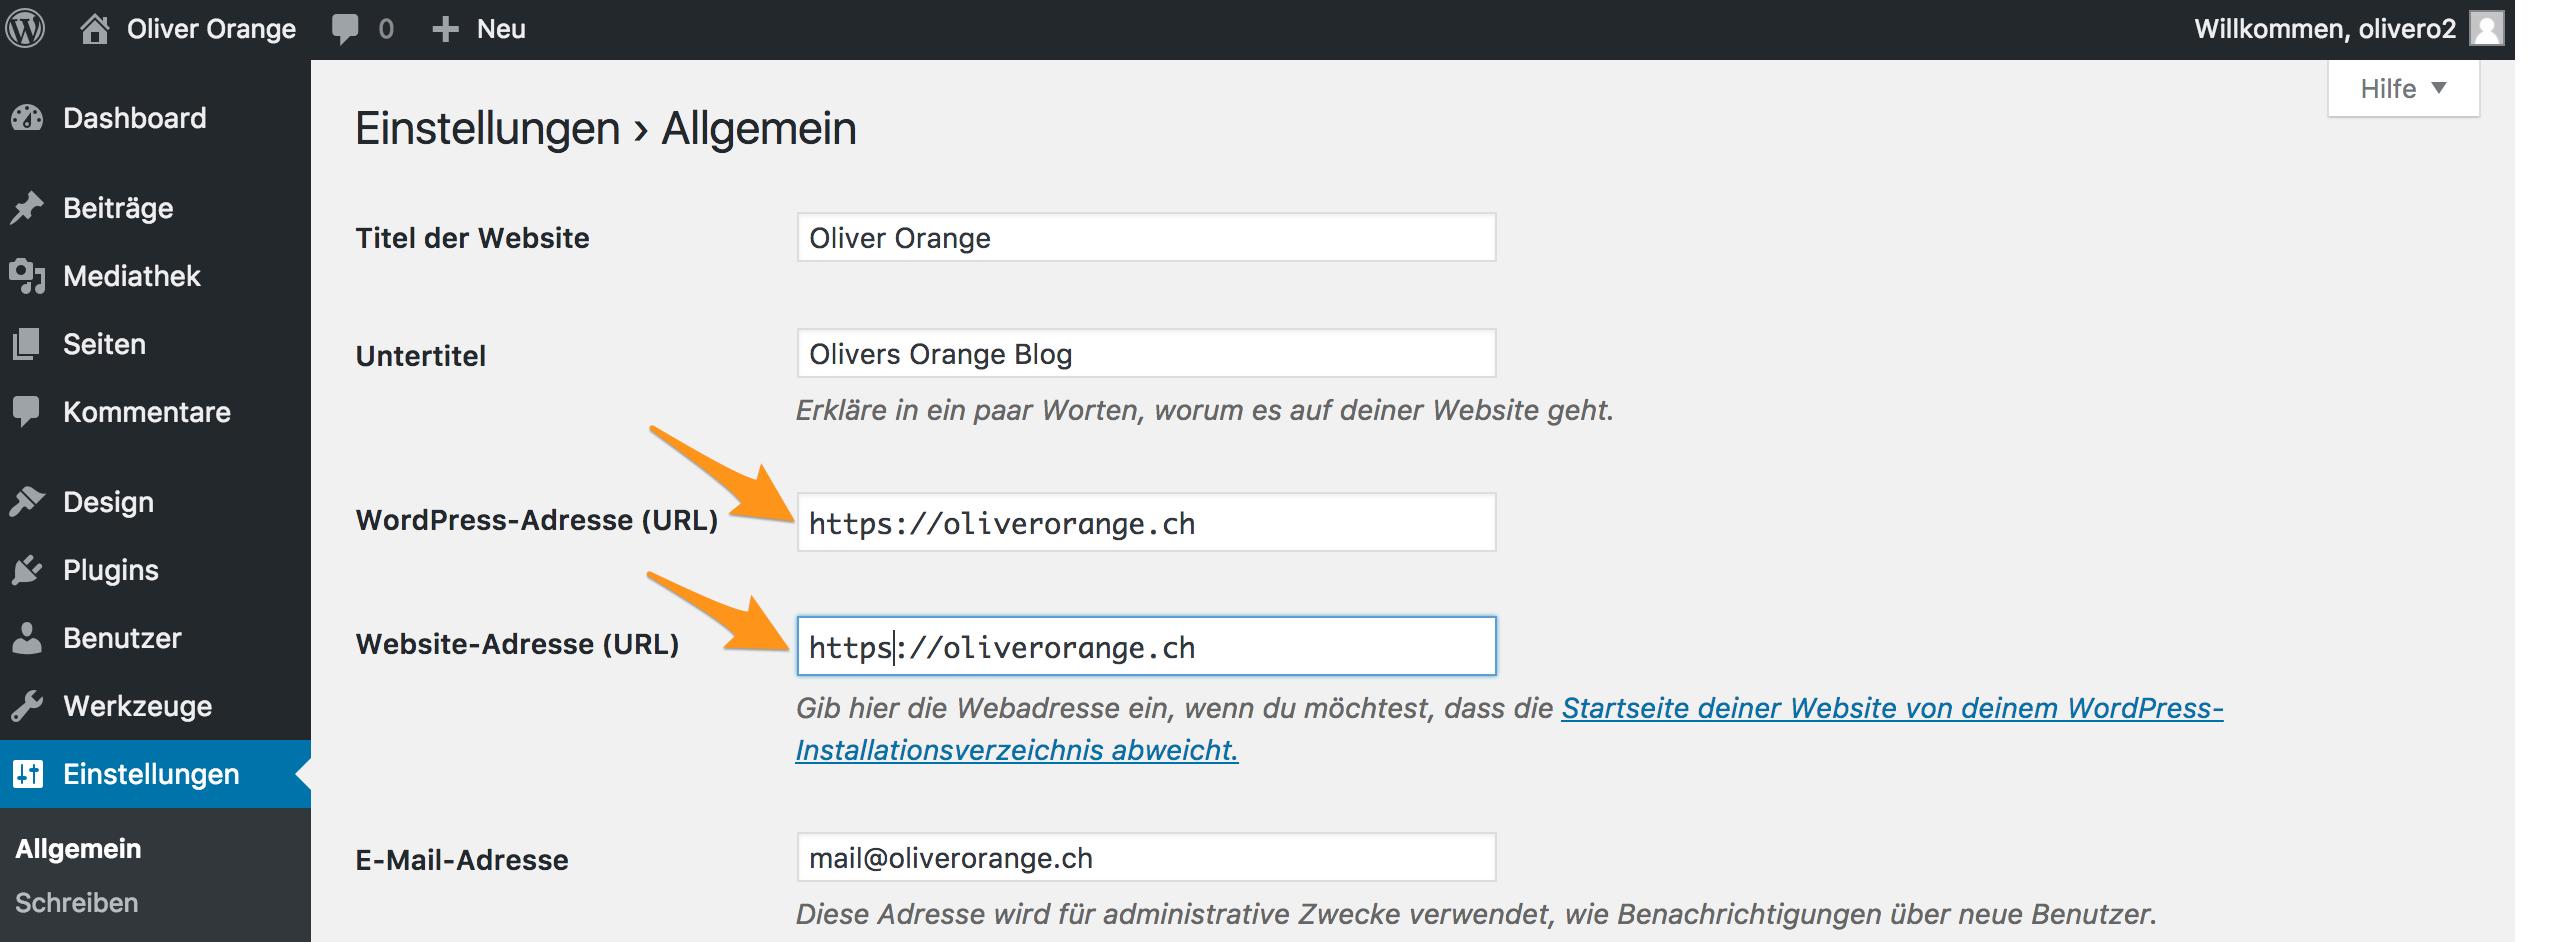 Anpassung der URL auf https